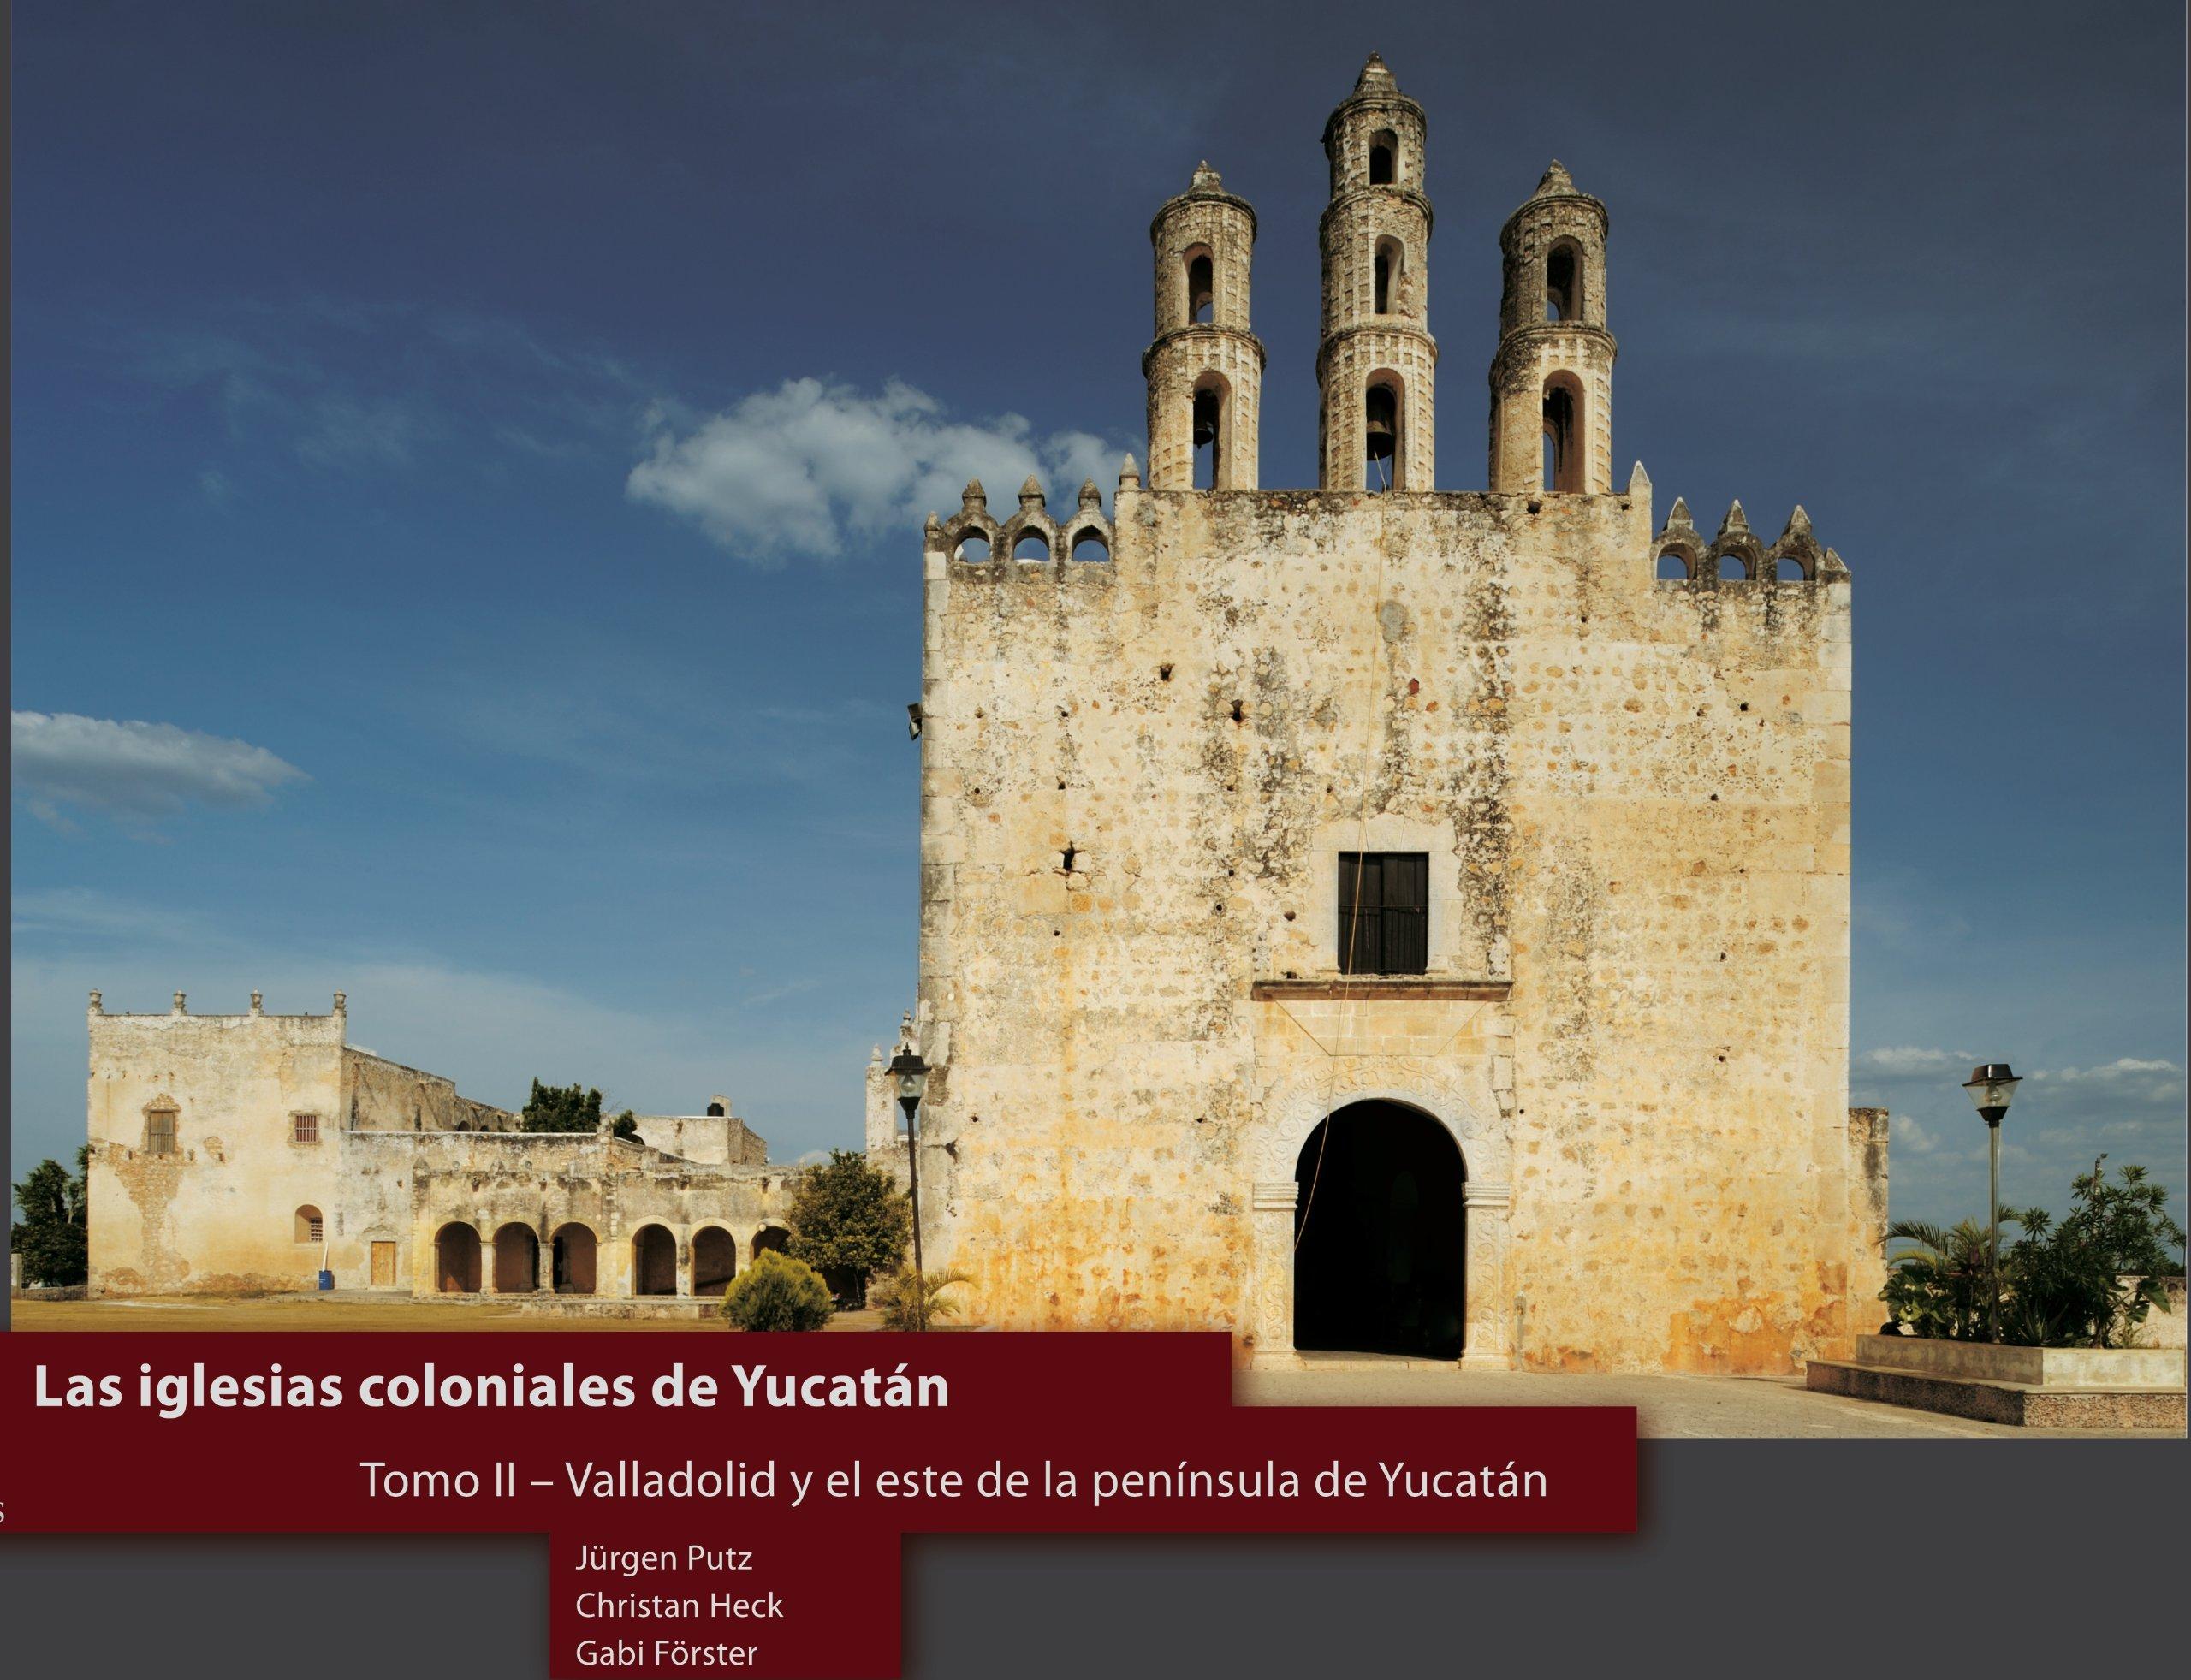 Las iglesias coloniales de Yucatán (Tomo II - Valladolid y el este de la península de Yucatán)